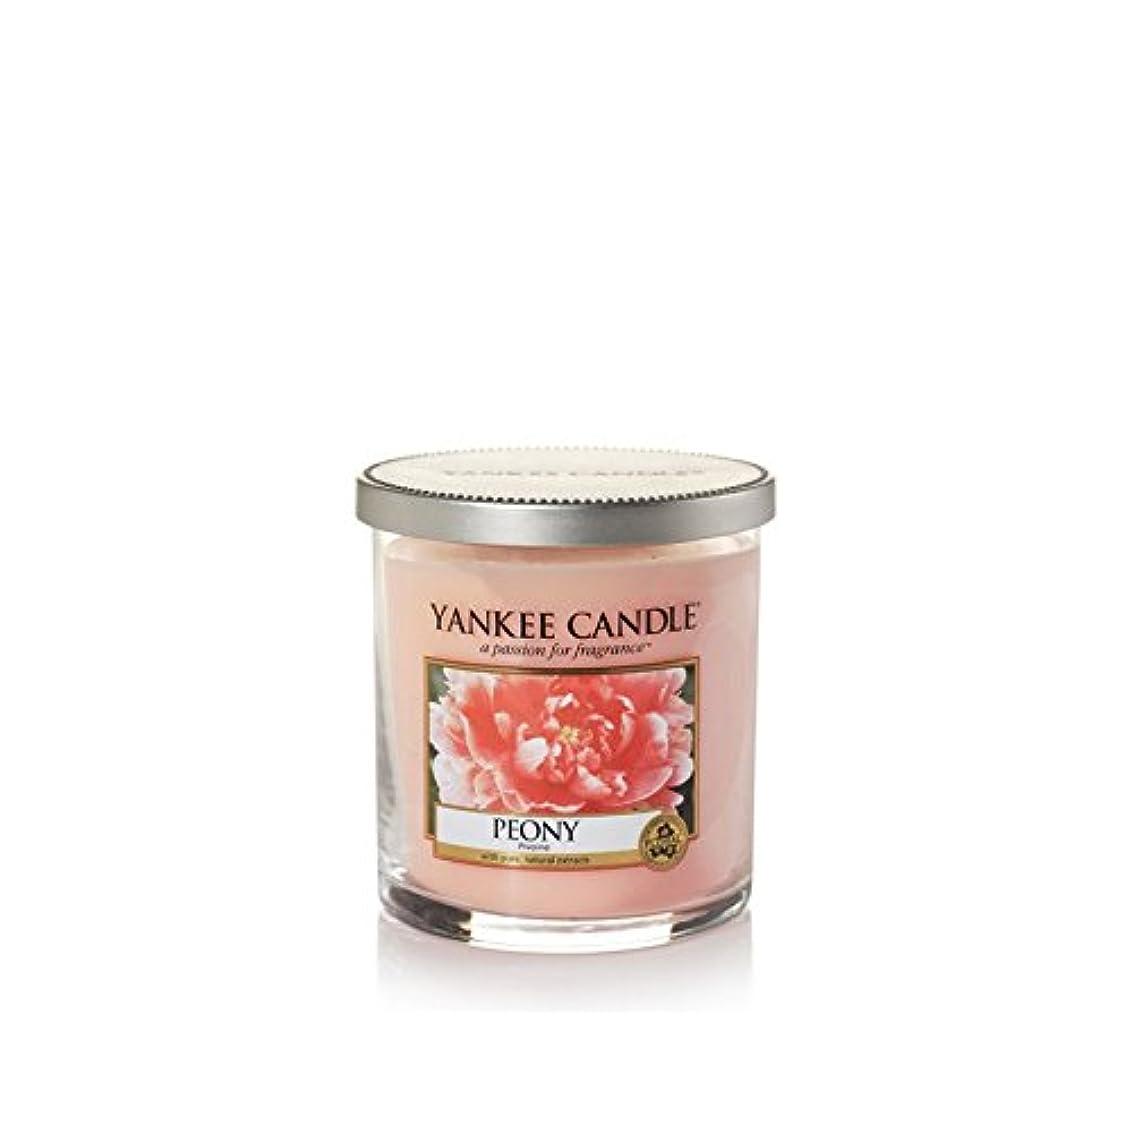 透けて見える猫背委任するYankee Candles Small Pillar Candle - Peony (Pack of 6) - ヤンキーキャンドルの小さな柱キャンドル - 牡丹 (x6) [並行輸入品]